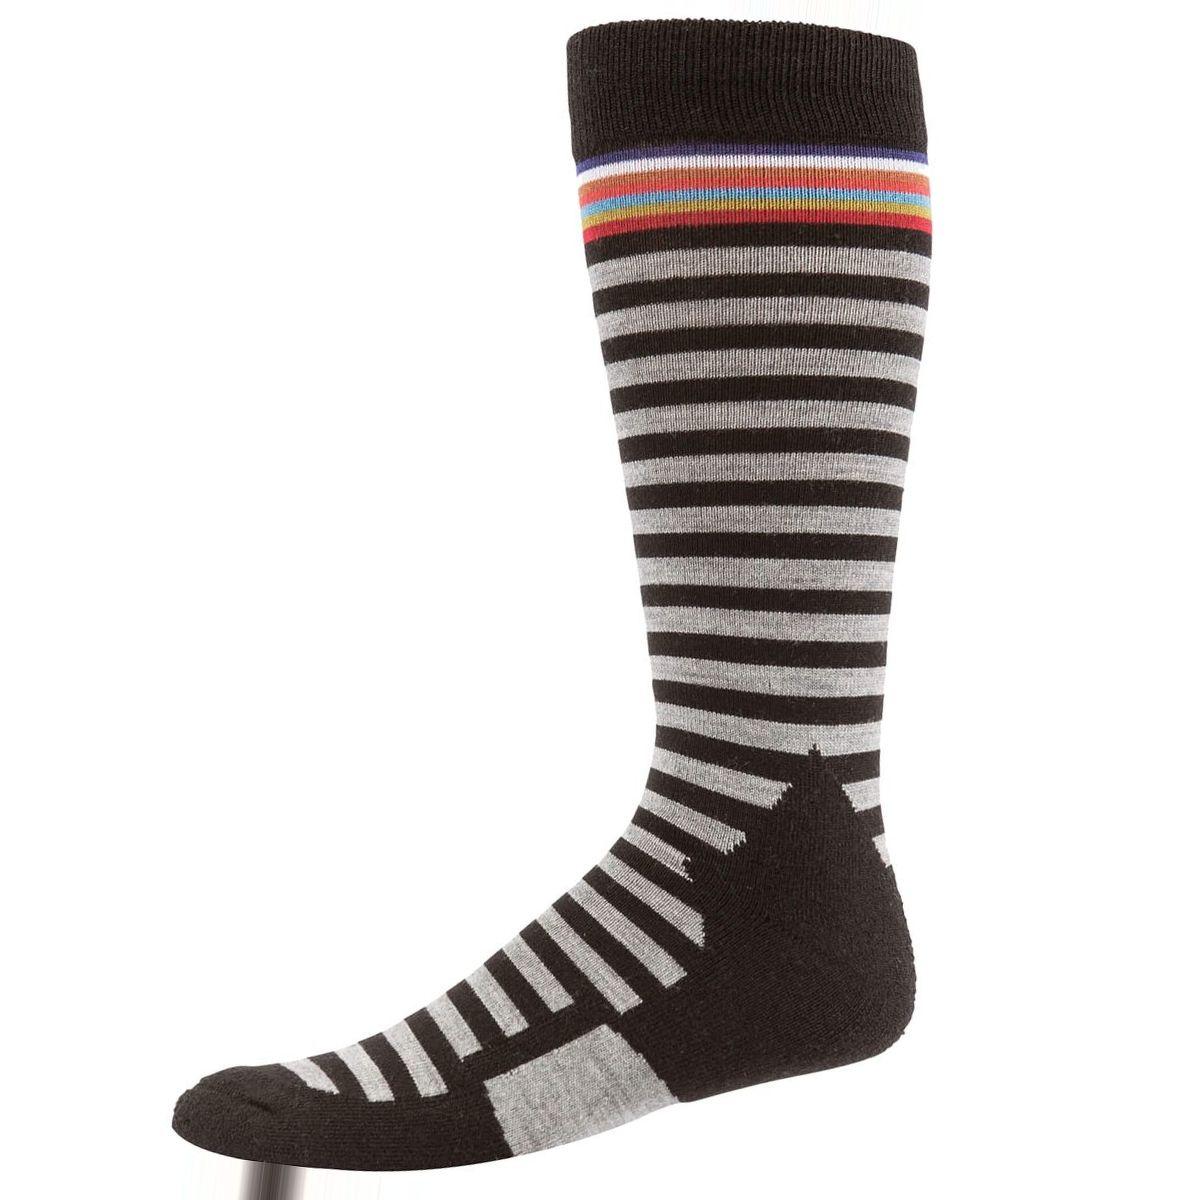 Volcom Synth Sock - Men's